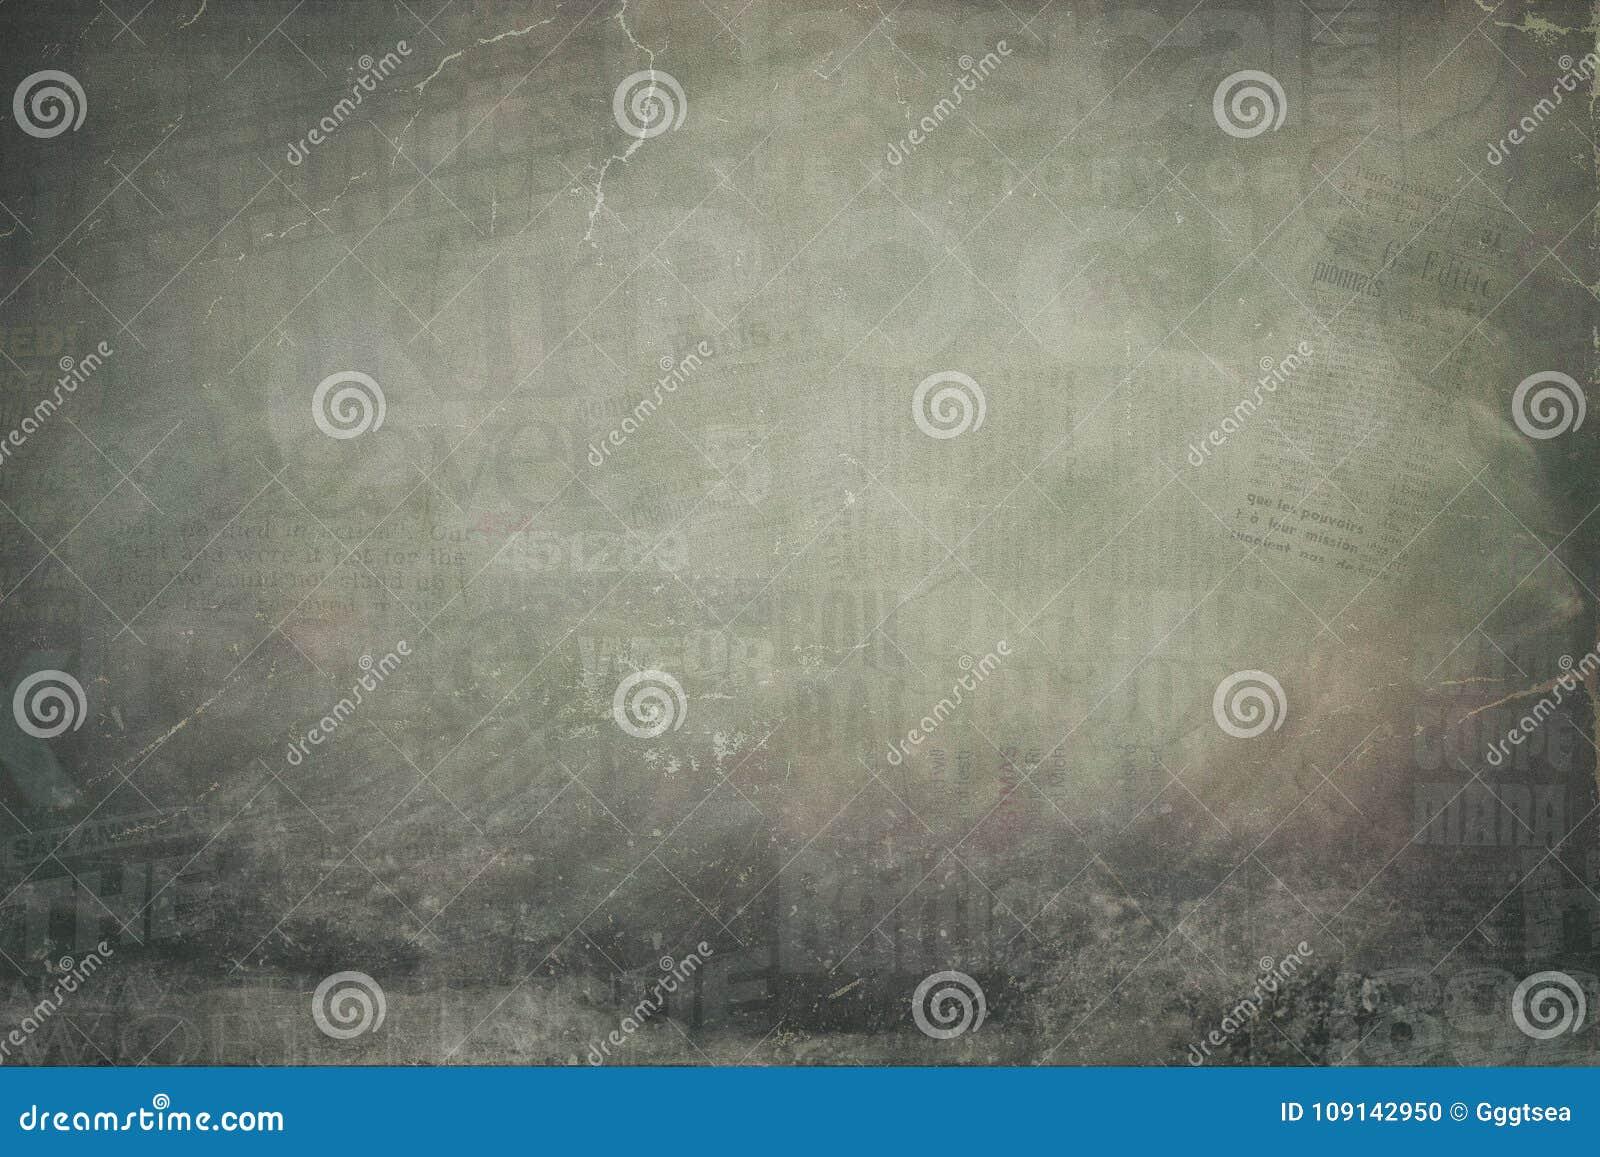 Grunge newspaper collage background